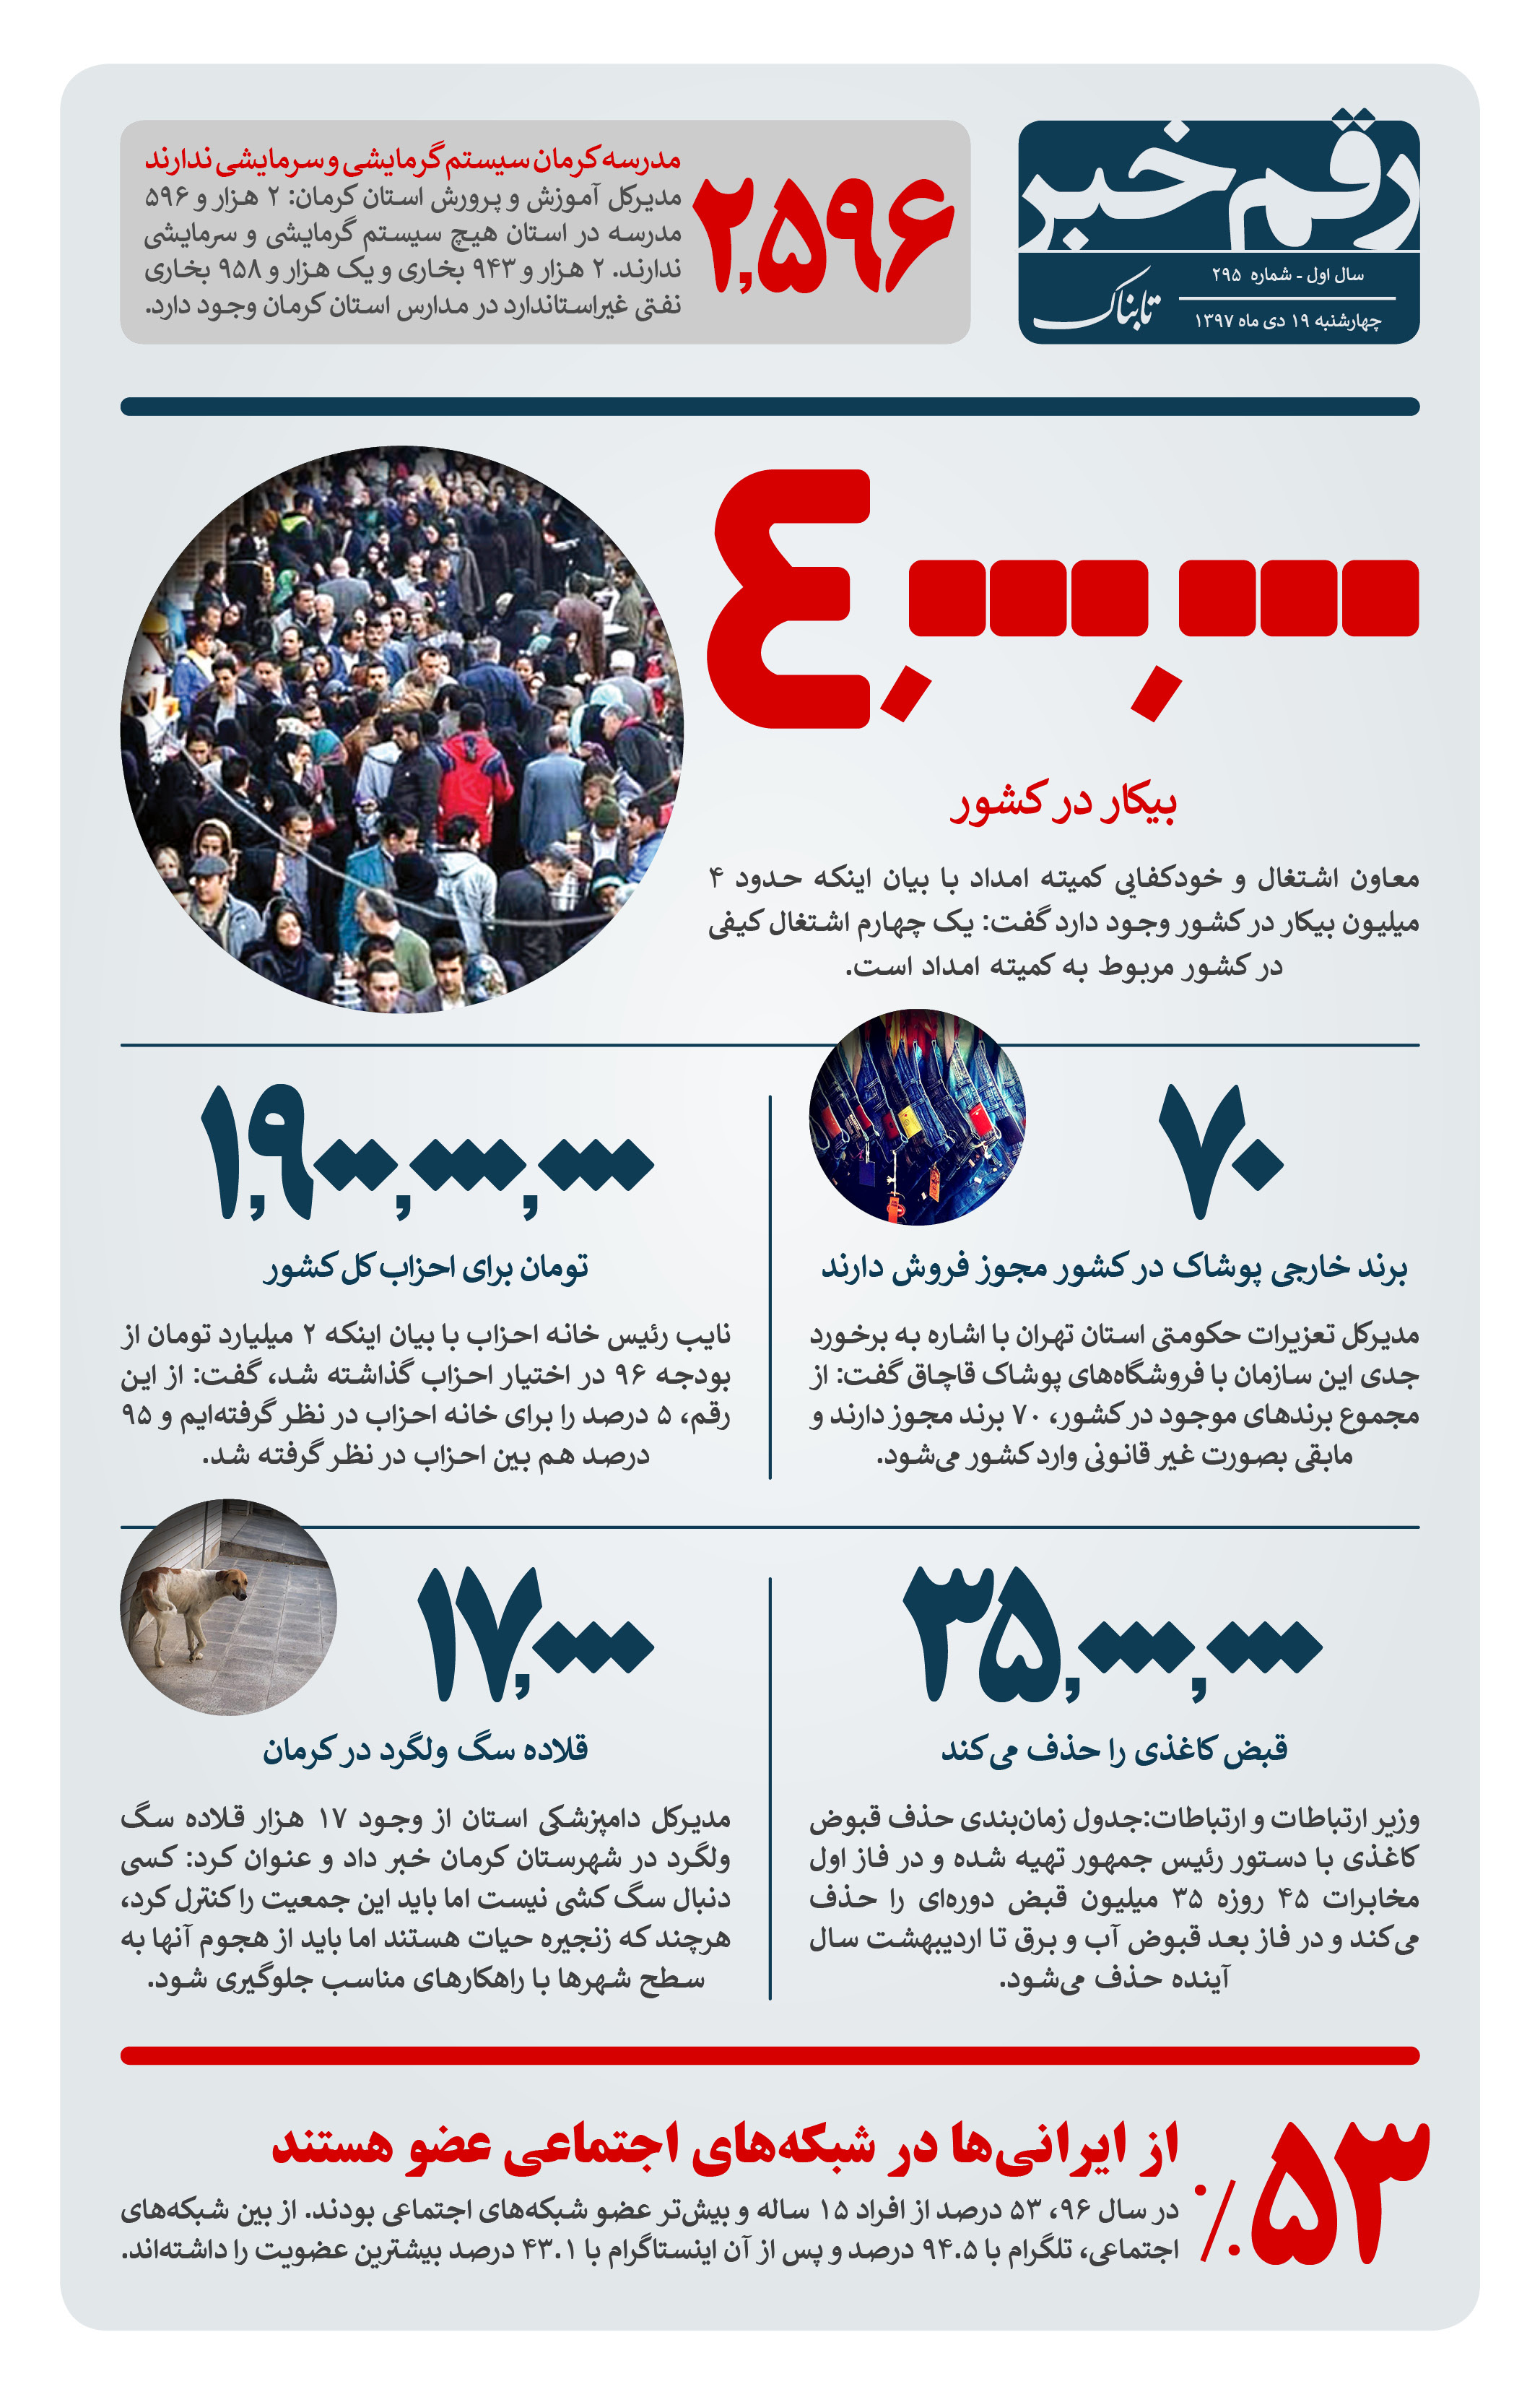 رقم خبر: ۴ میلیون بیکار در کشور